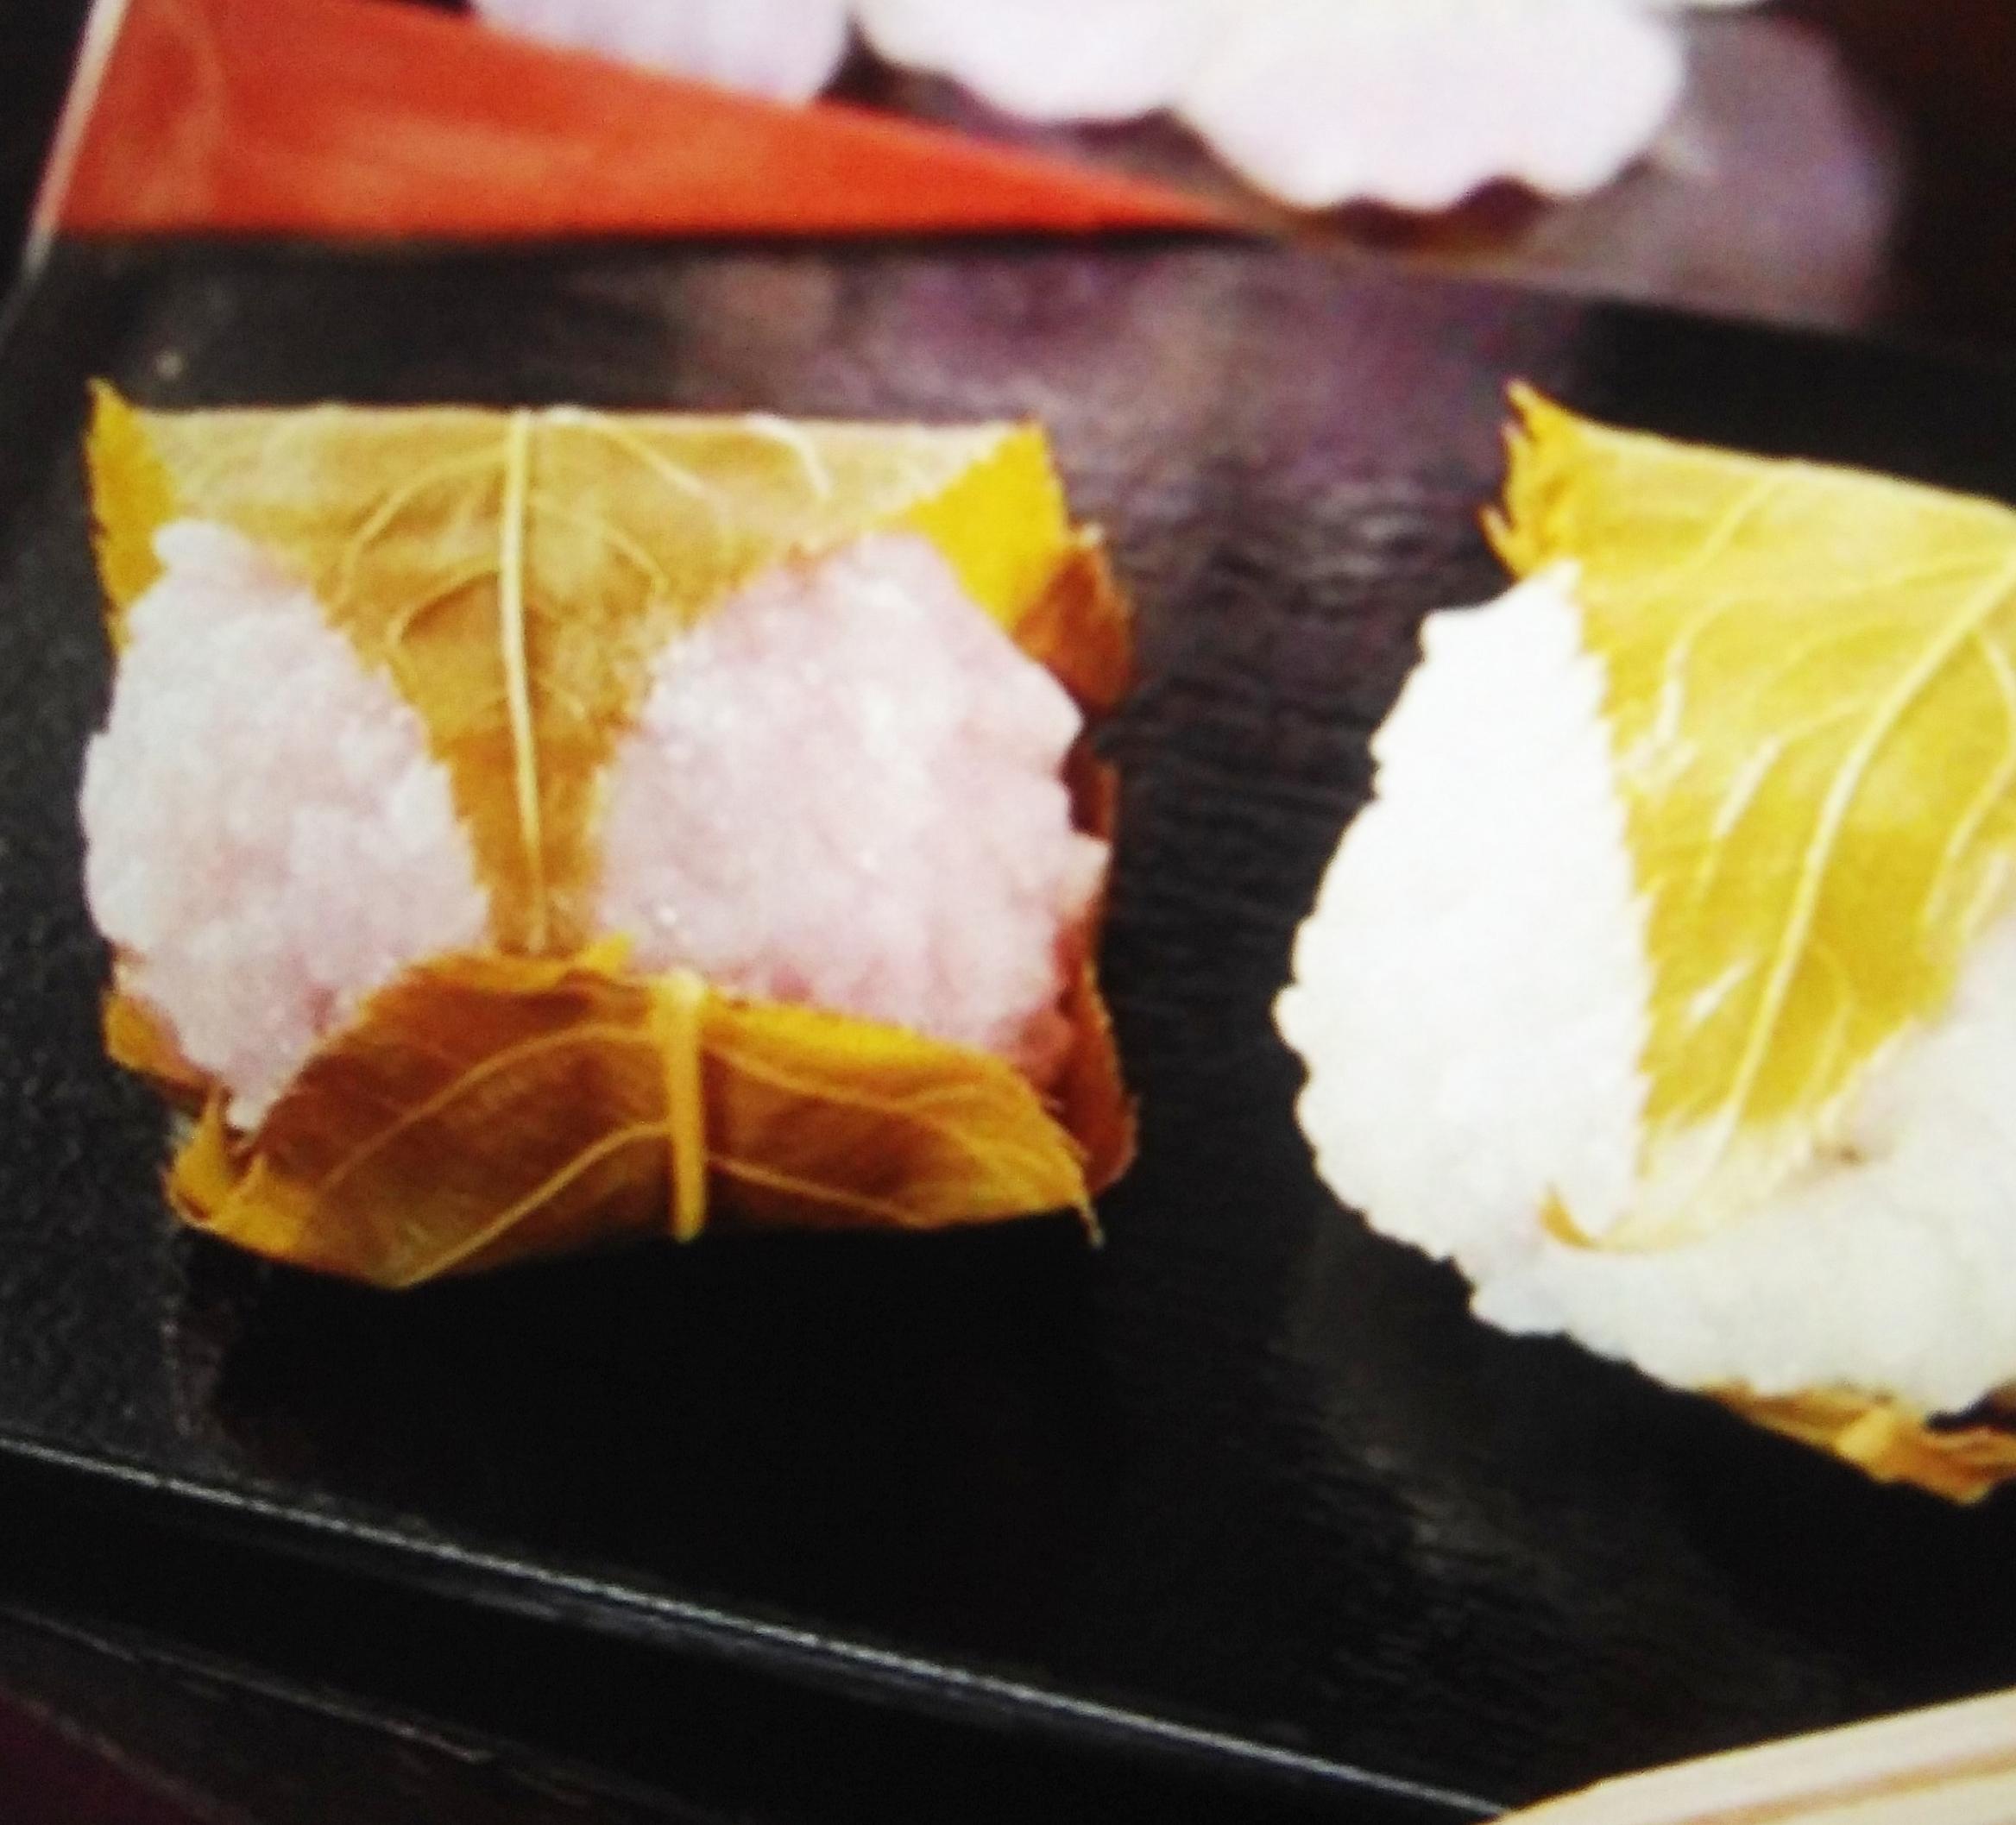 ローソンの桜餅2020!カロリーや値段は?紅白で可愛いけど味は?3